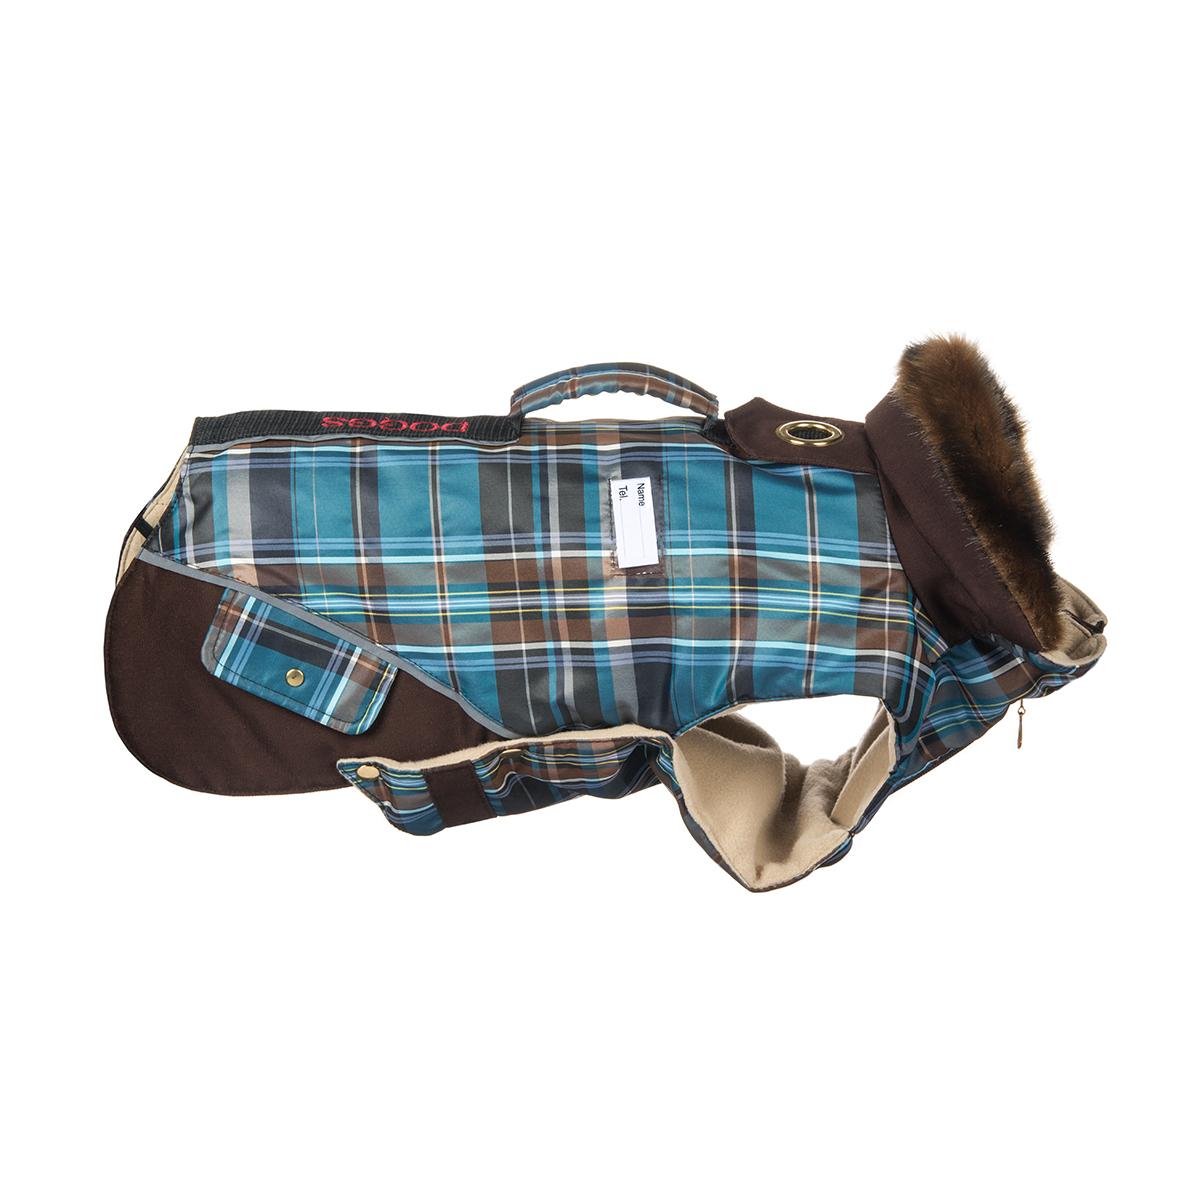 Попона для собак Dogmoda Doggs, для мальчика, цвет: синий, коричневый. Размер L комбинезоны для животных dogmoda комбинезон doggs active 70 сука